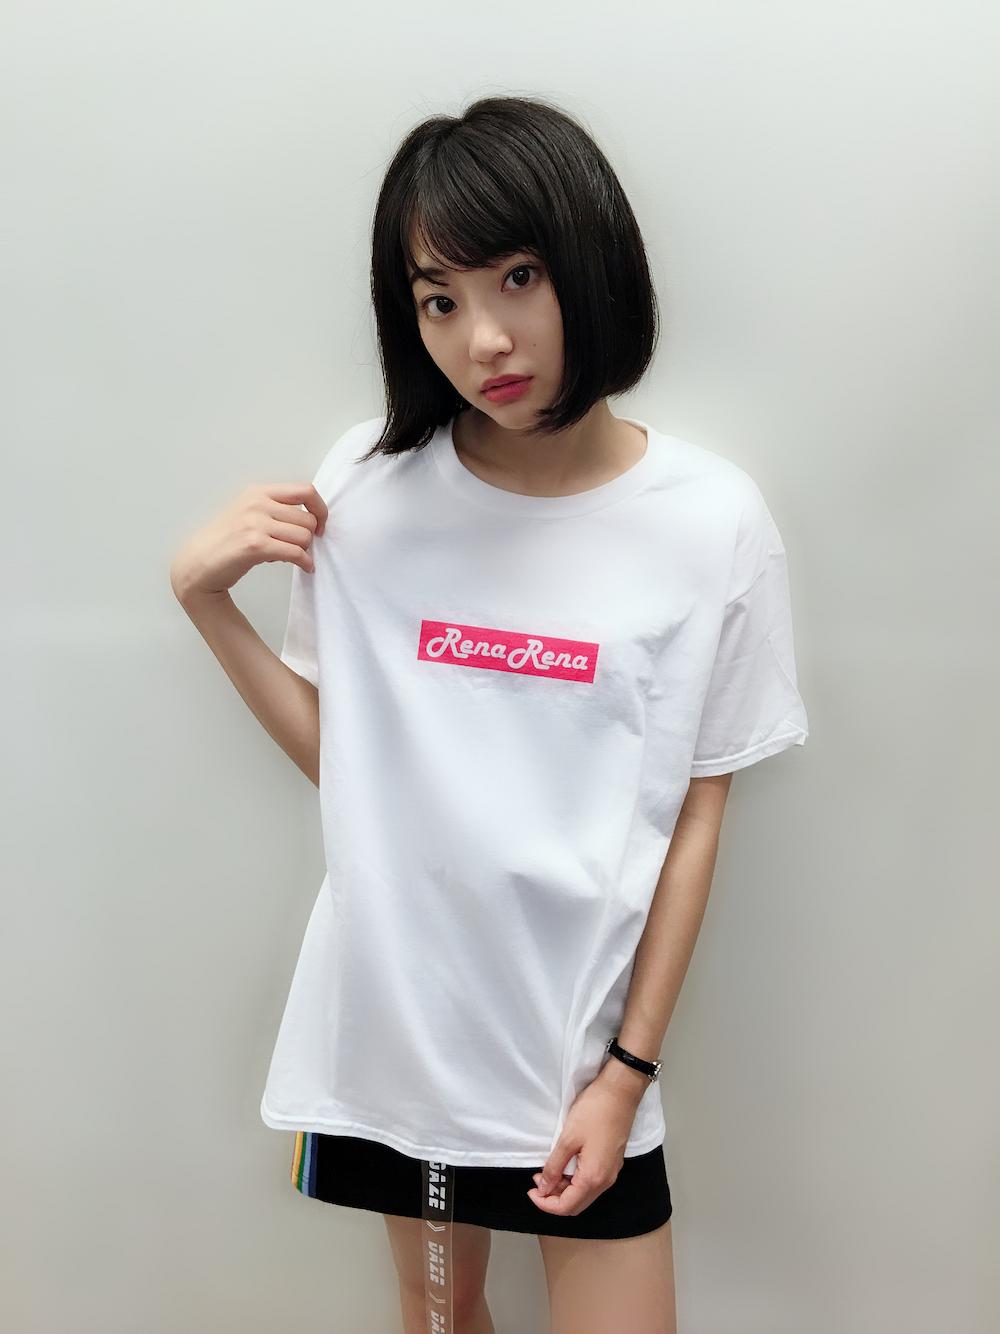 武田玲奈、自身初のバースデーイベント Tシャツ